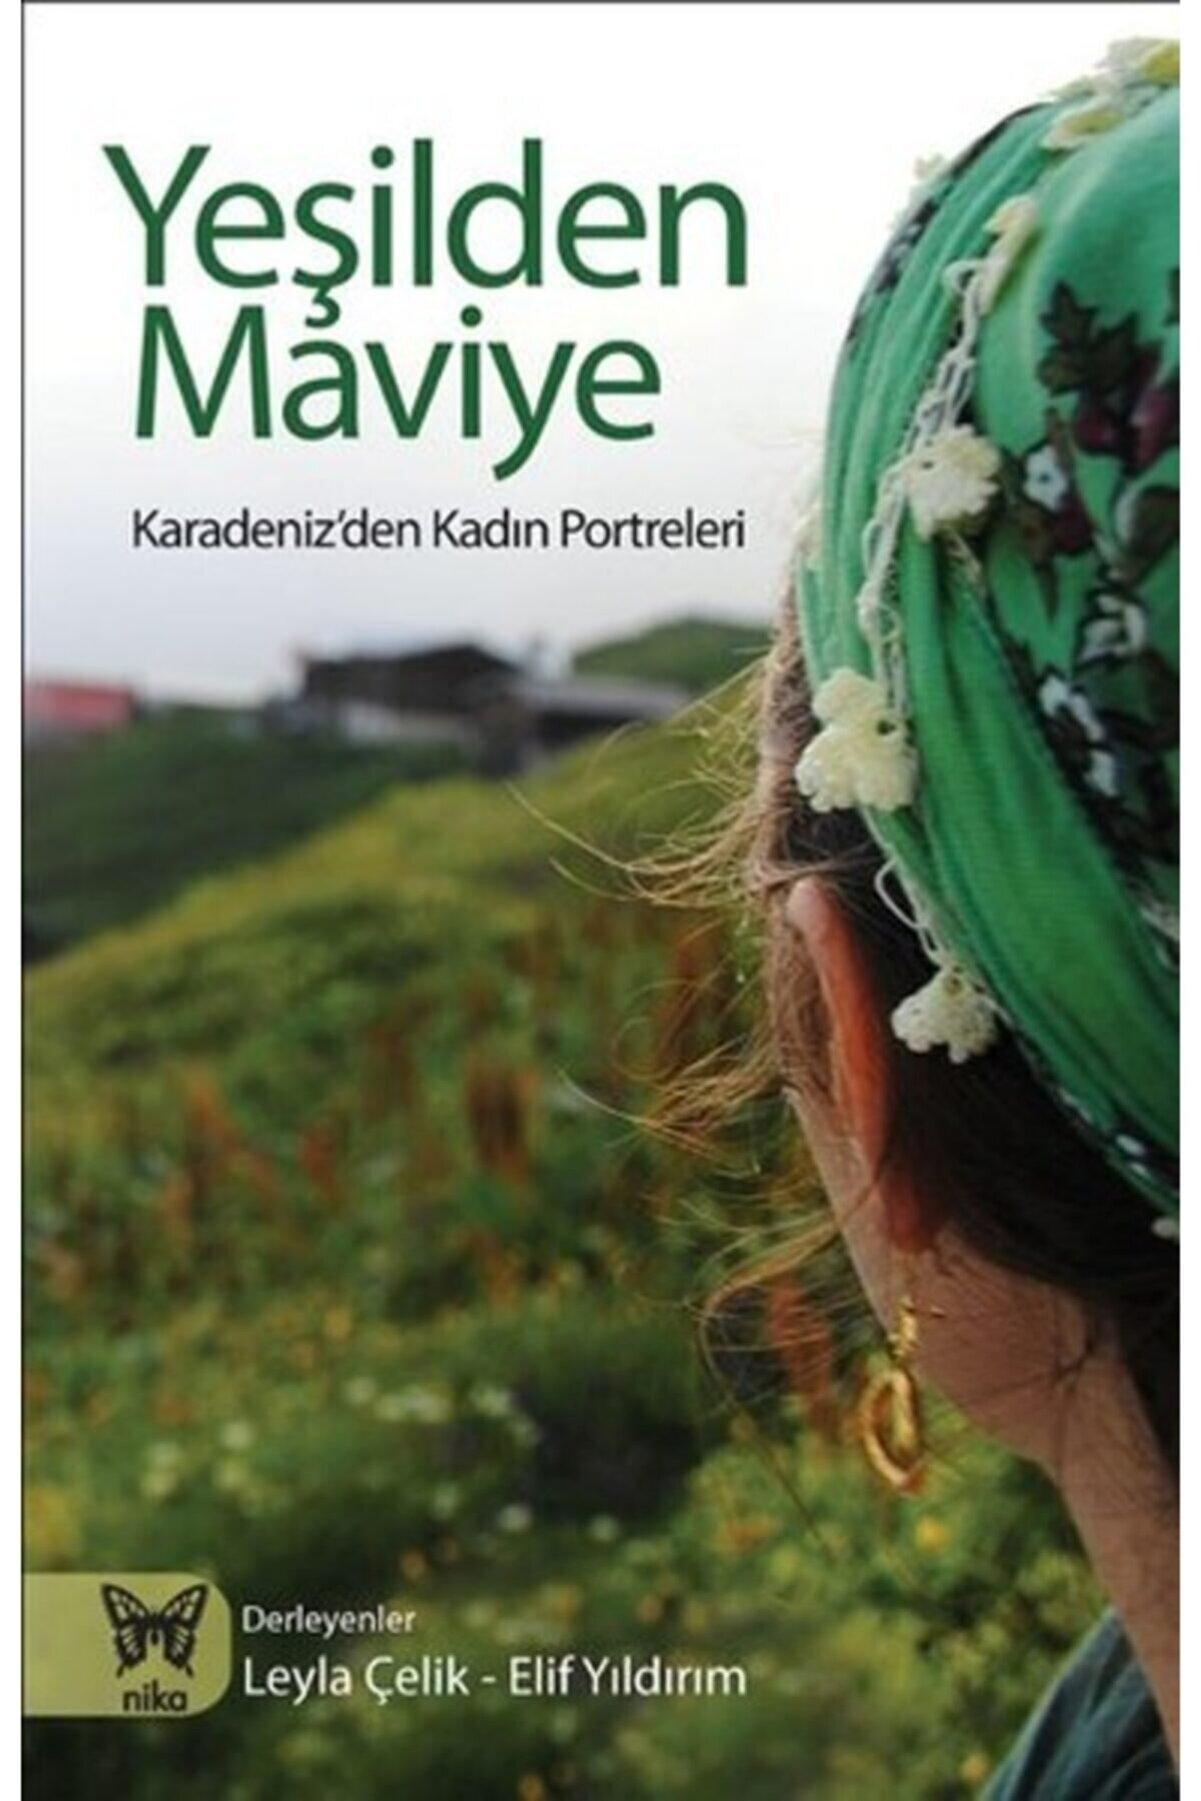 Nika Yayınevi Yeşilden Maviye Karadeniz'den Kadın Portreleri